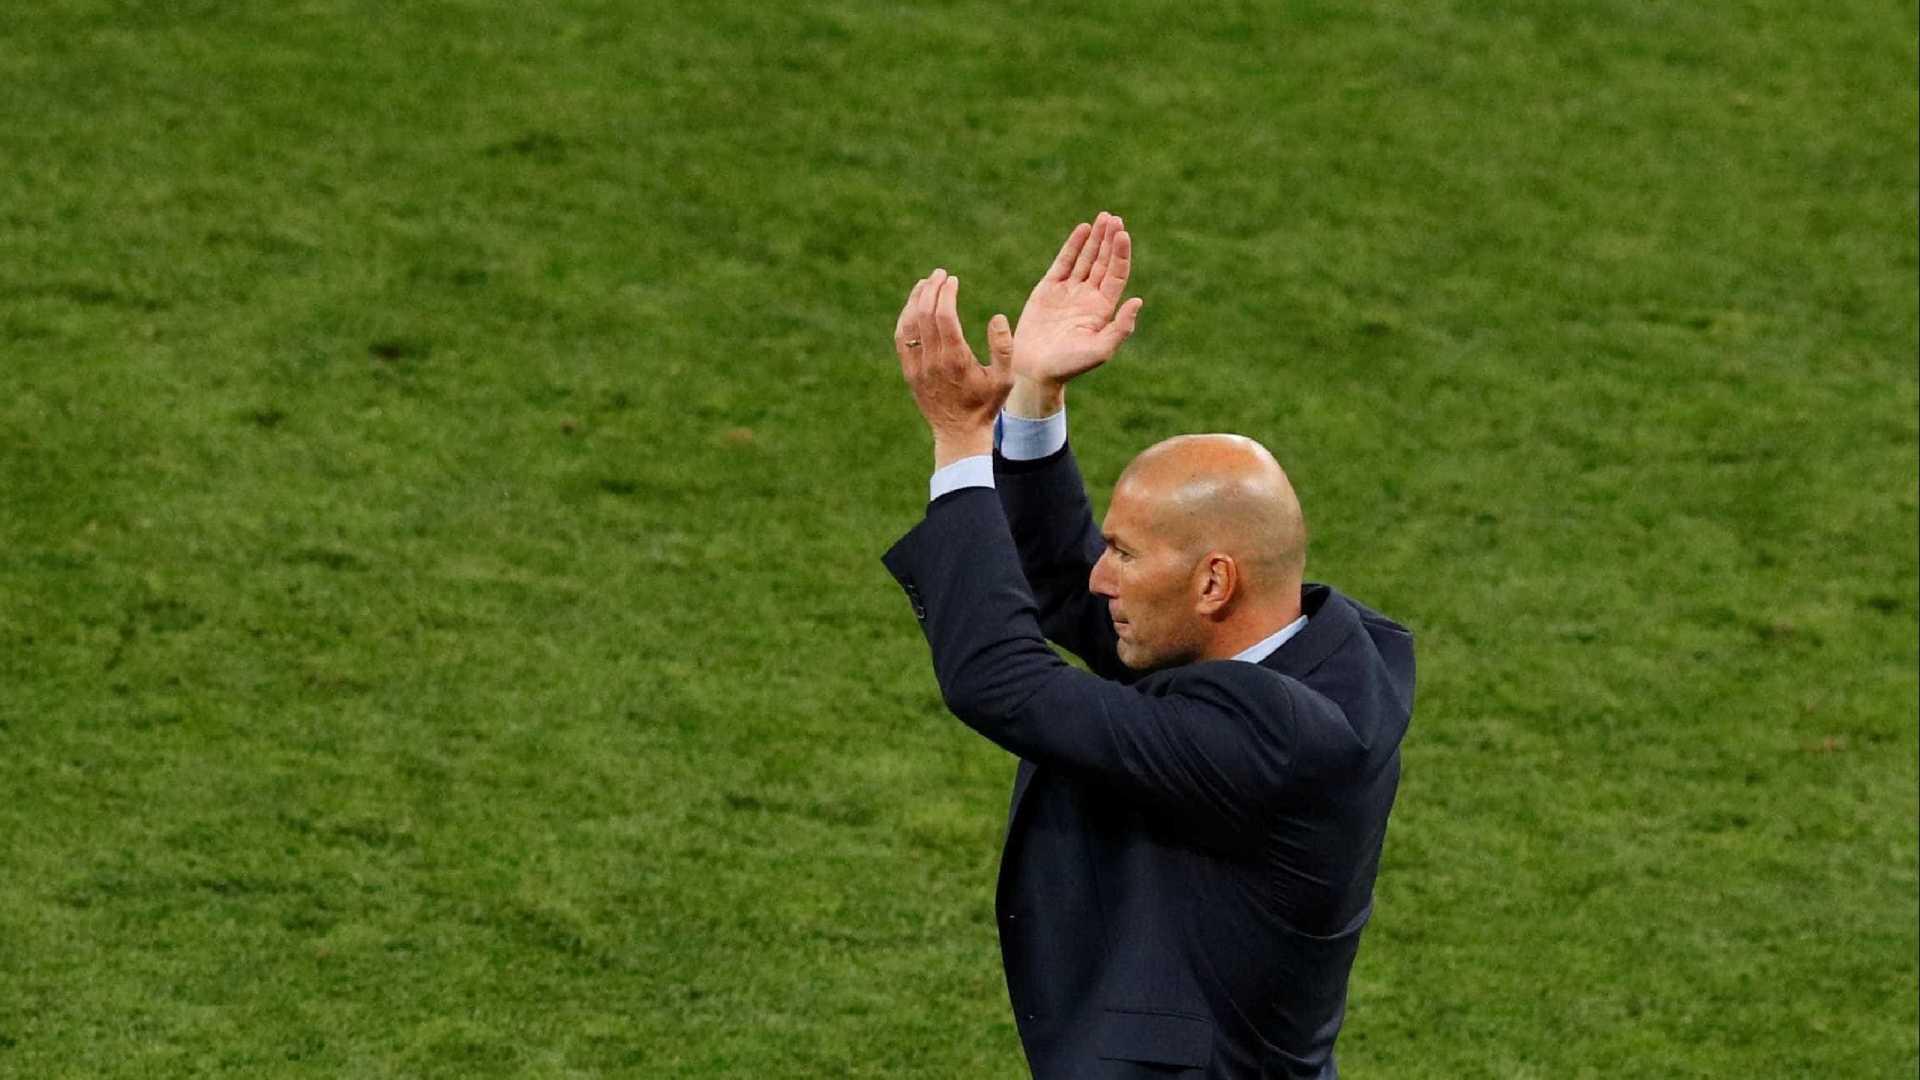 zidane - Zidane comenta pandemia e volta do futebol: 'Complicado e estranho'